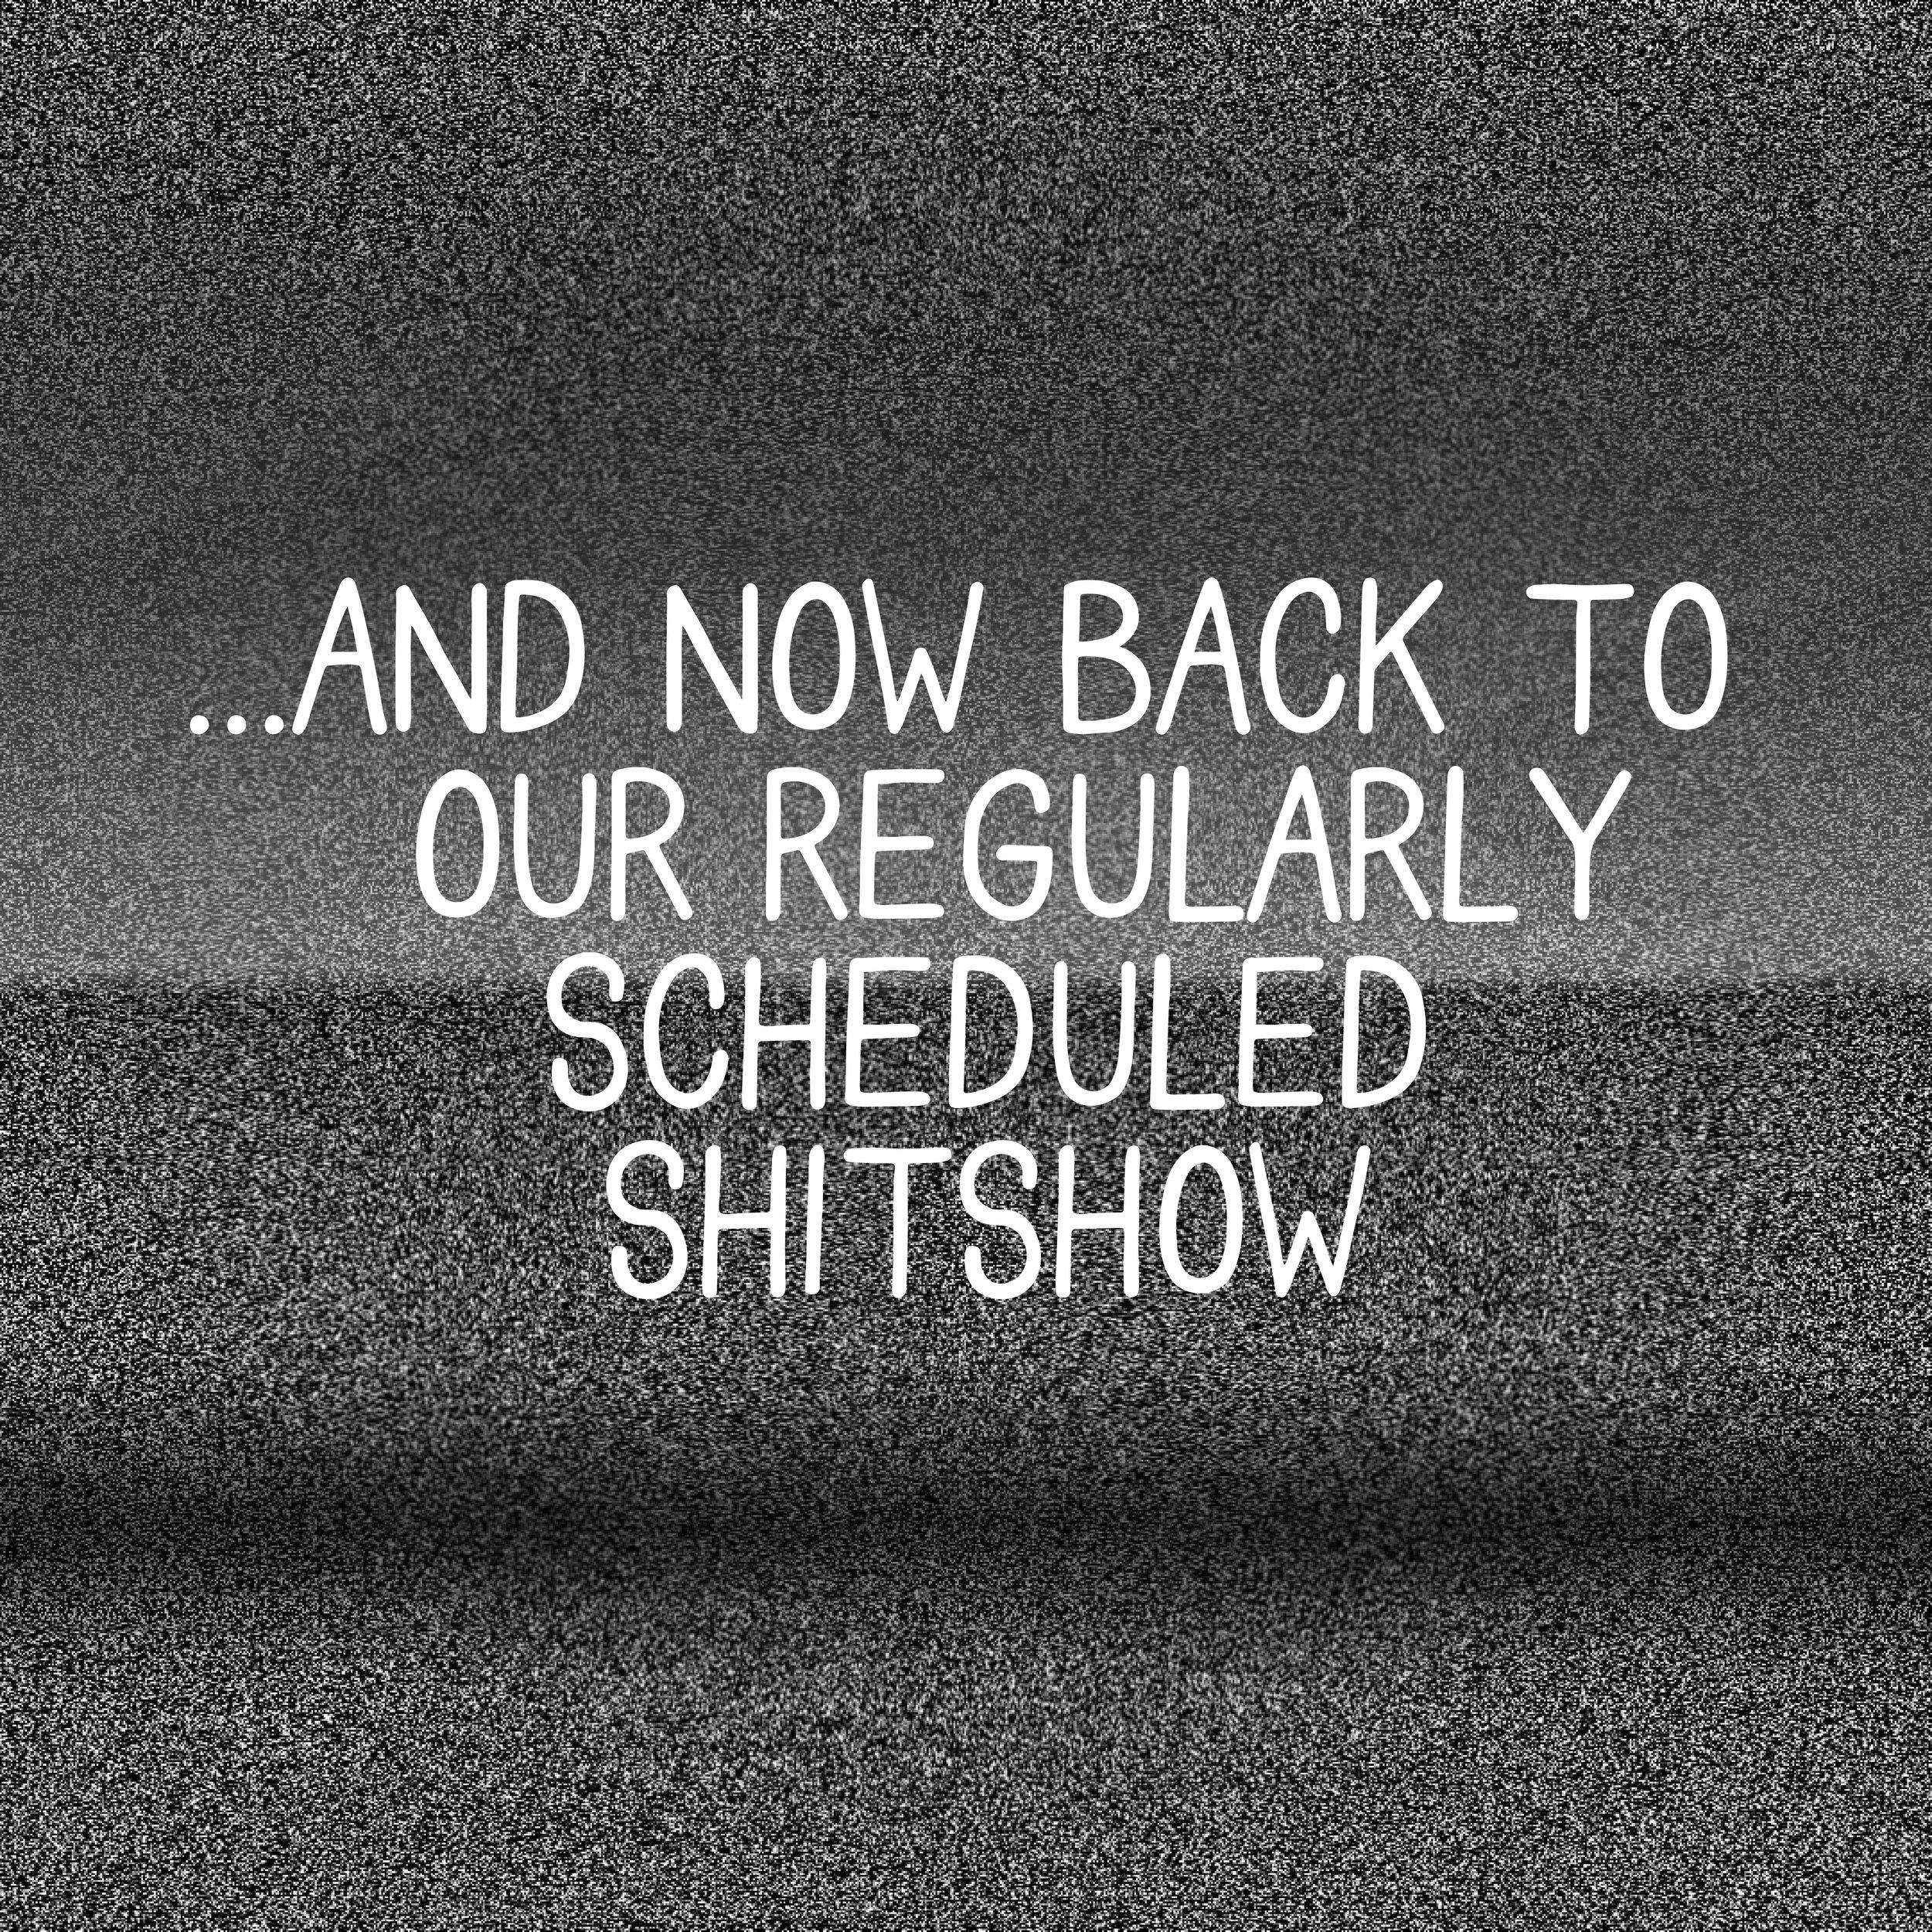 regularlyscheduledshitshow-01.jpg